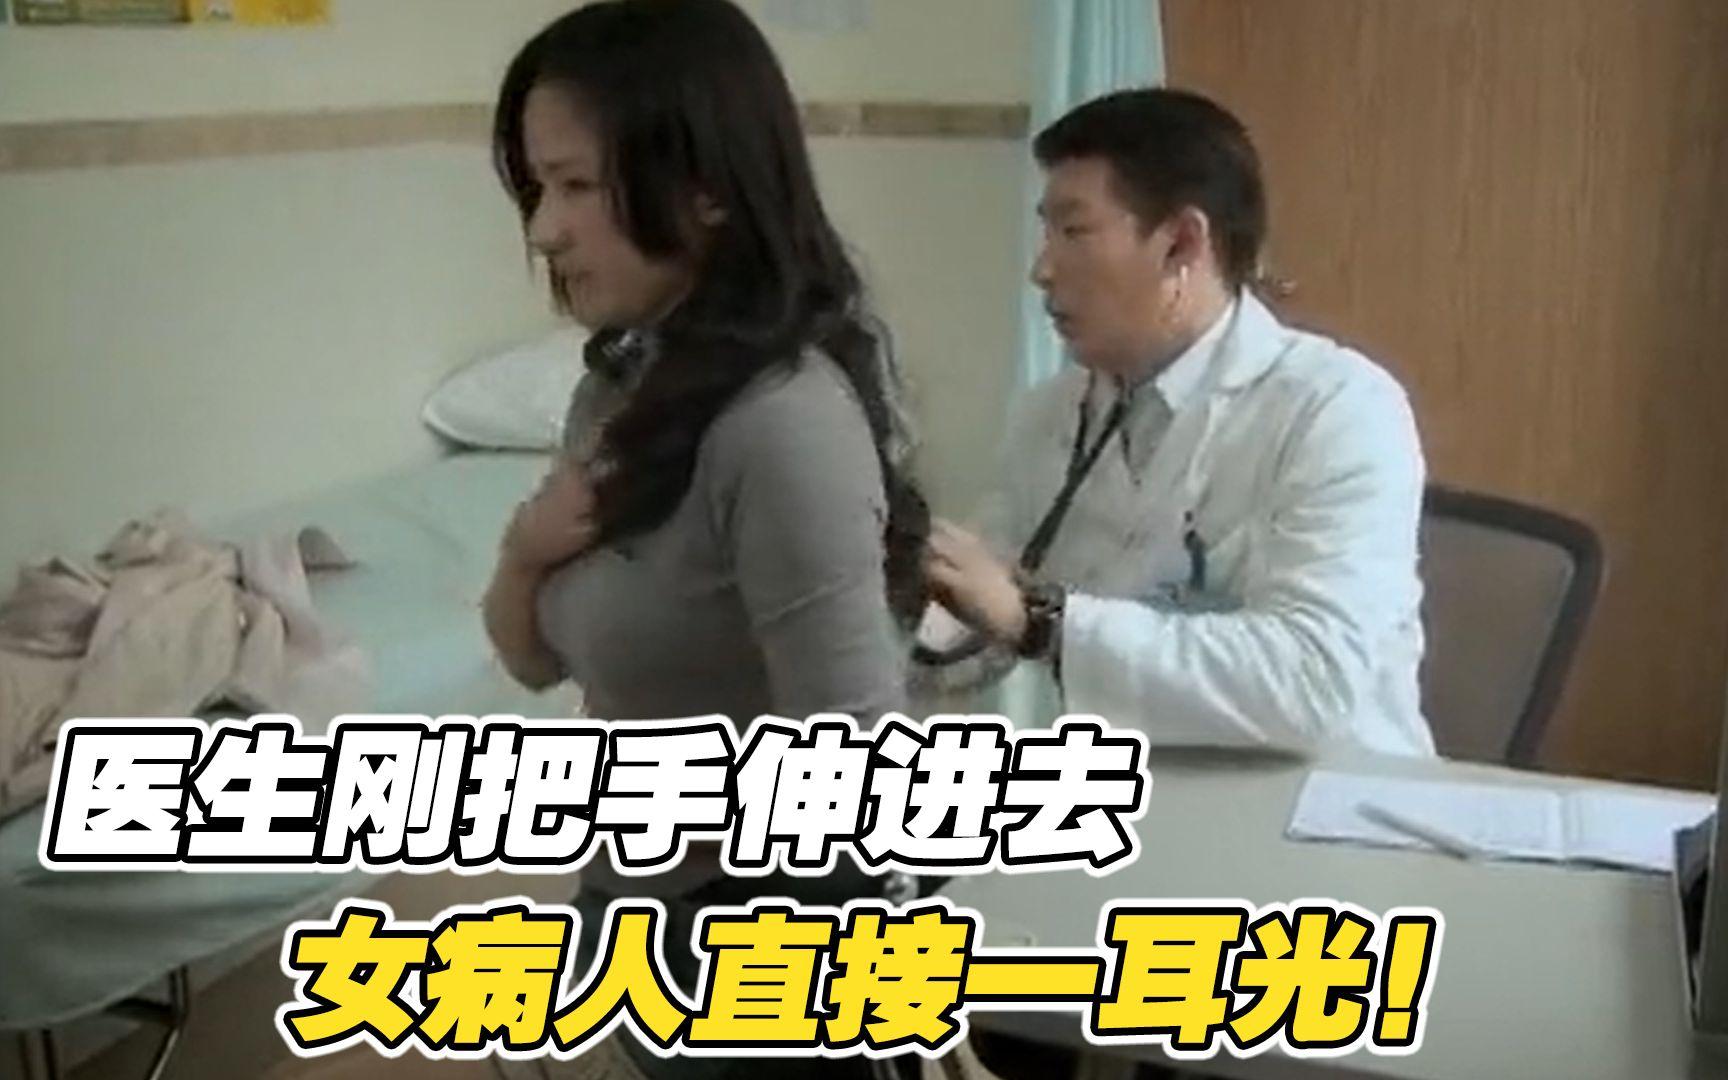 男医生给美女患者听诊,怎料刚把手伸进去,就被她打了一耳光